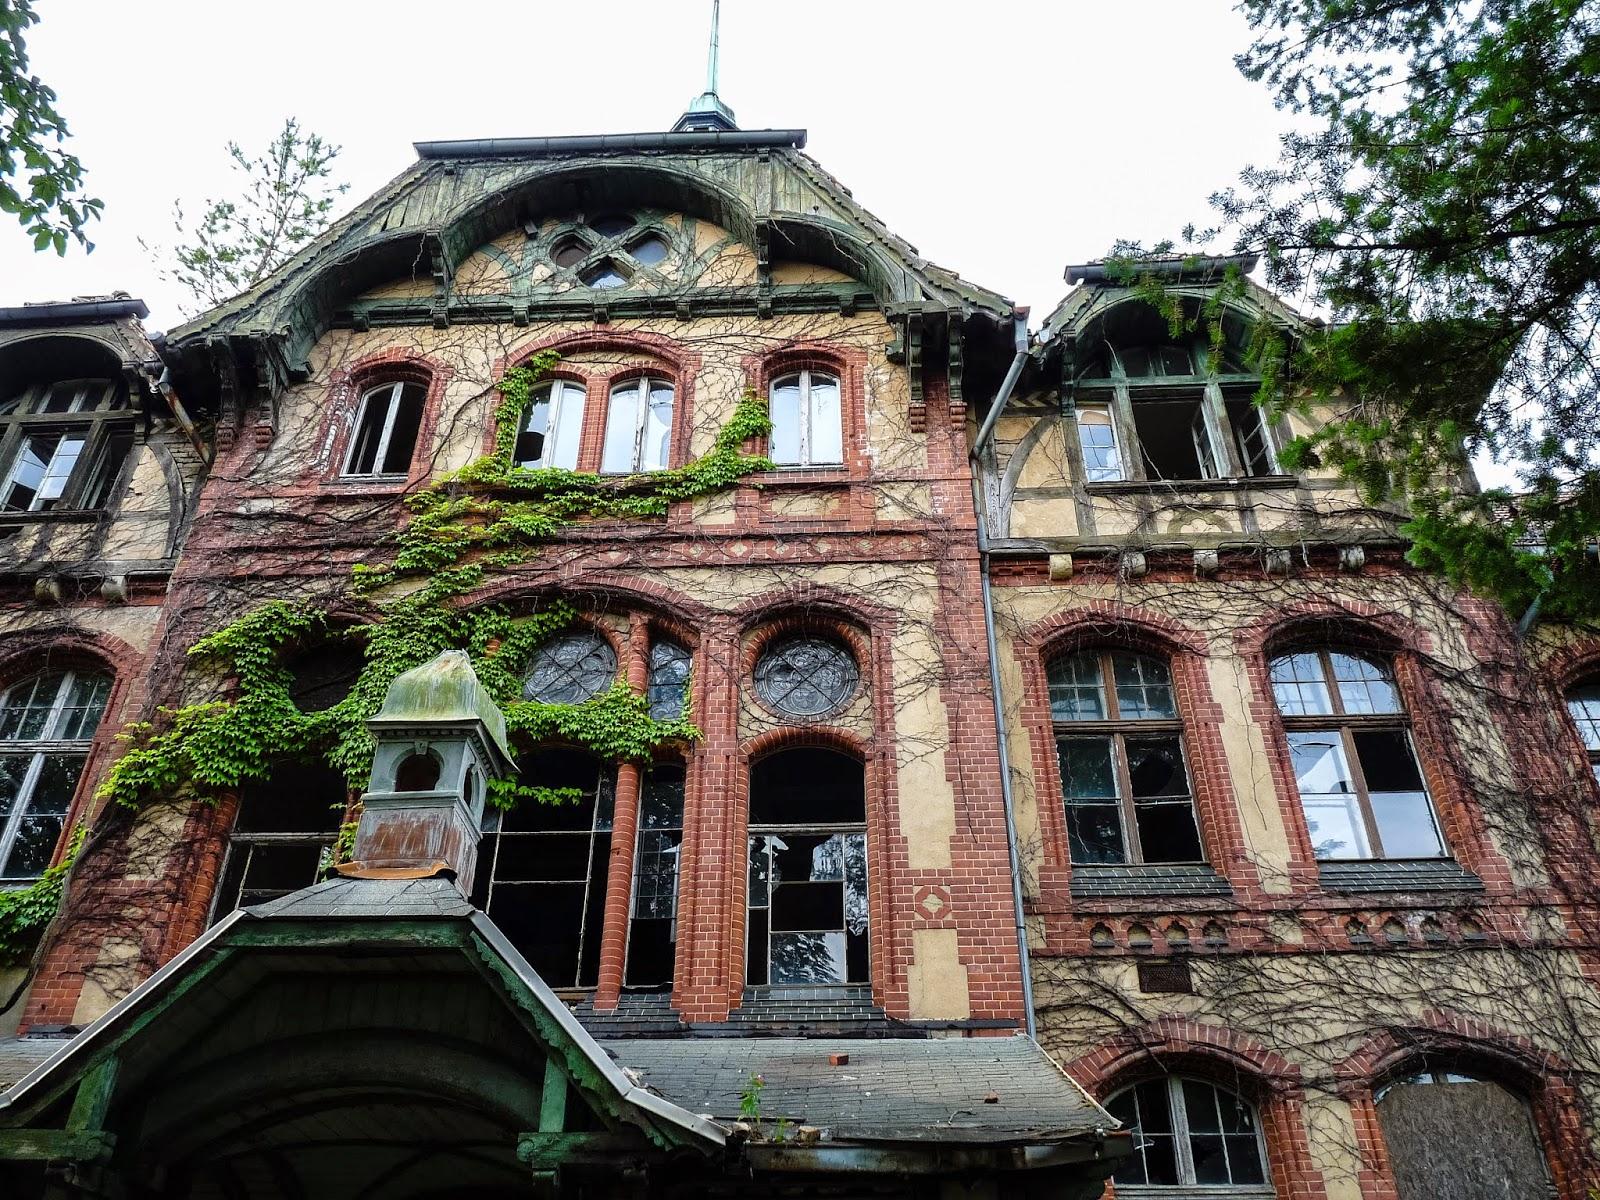 Imagini pentru Abandoned Military Hospital in Beelitz-Heilstätten